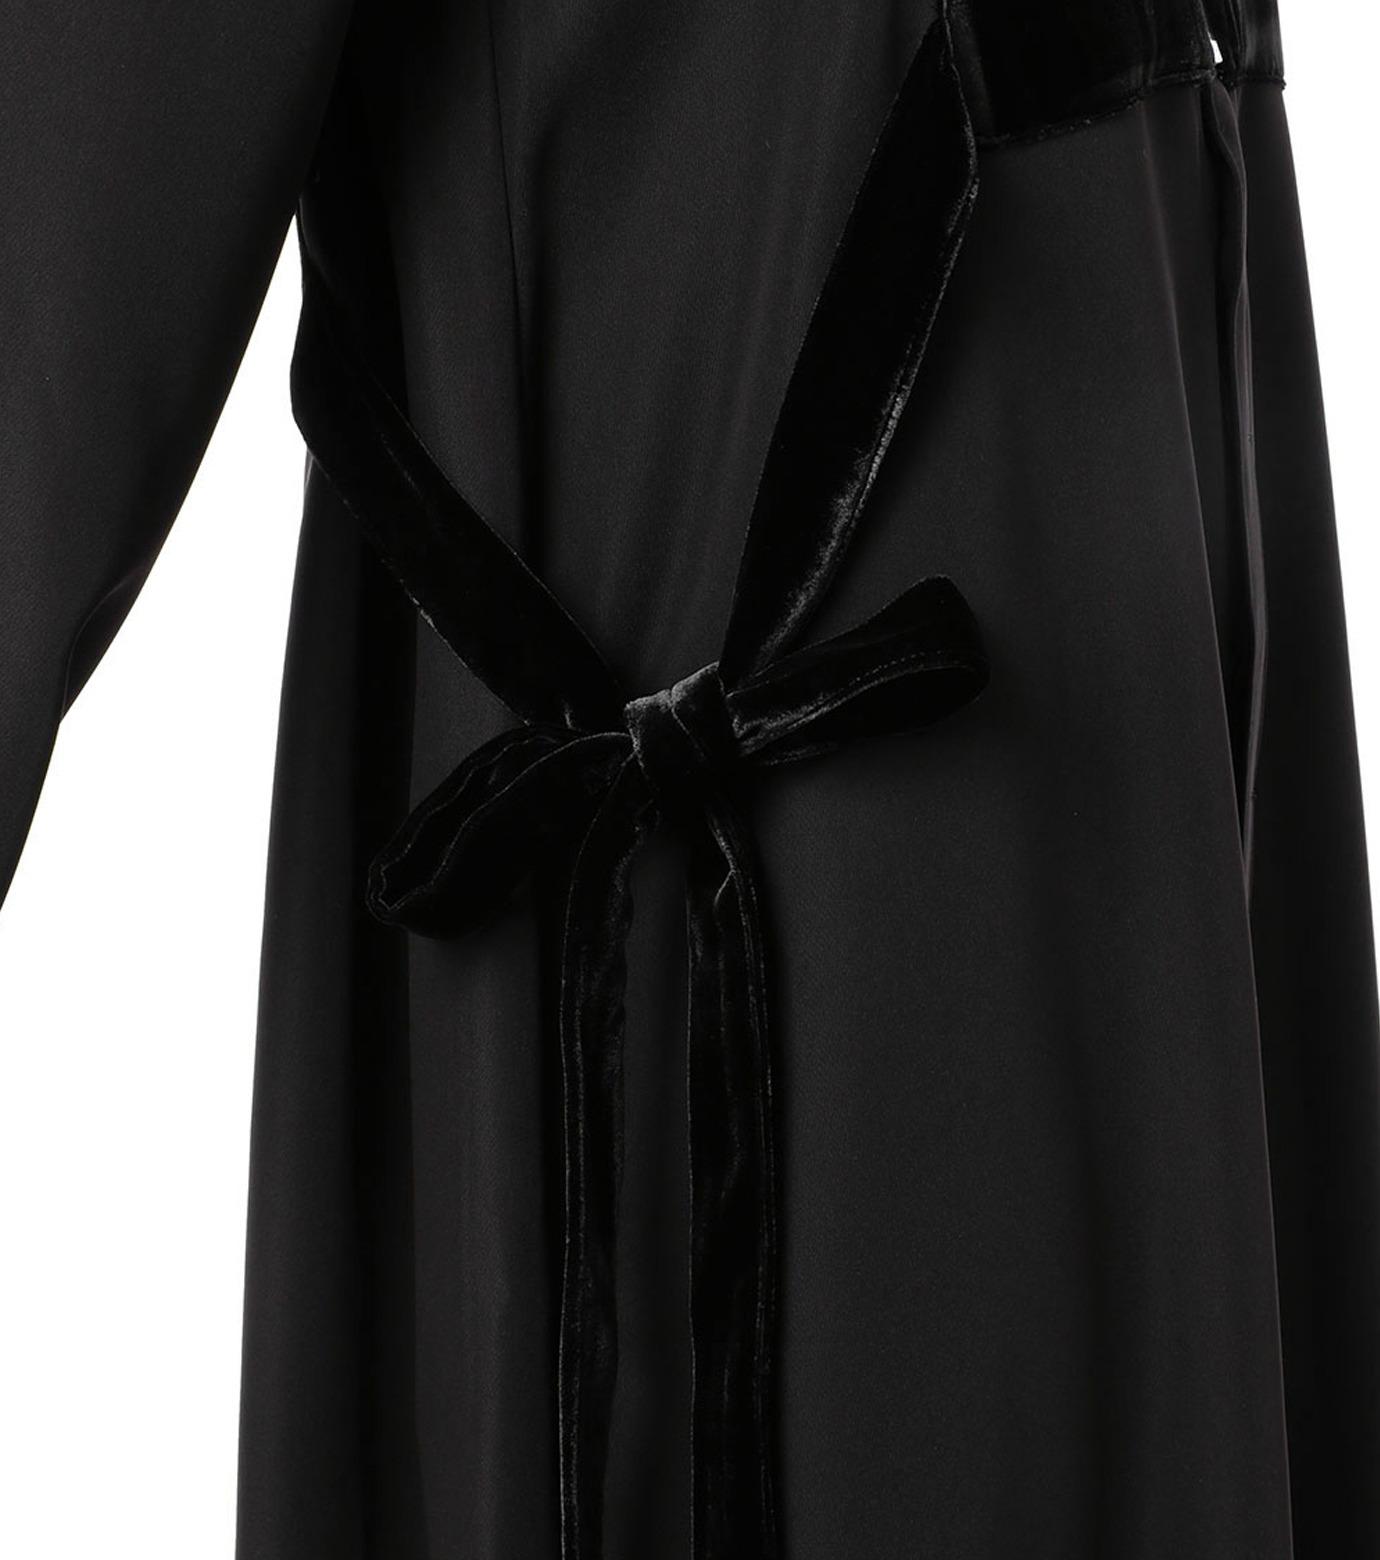 G.V.G.V.(ジーヴィジーヴィ)のVELVET PANEL DRESS-BLACK(ドレス/dress)-GV1641003-13 拡大詳細画像5